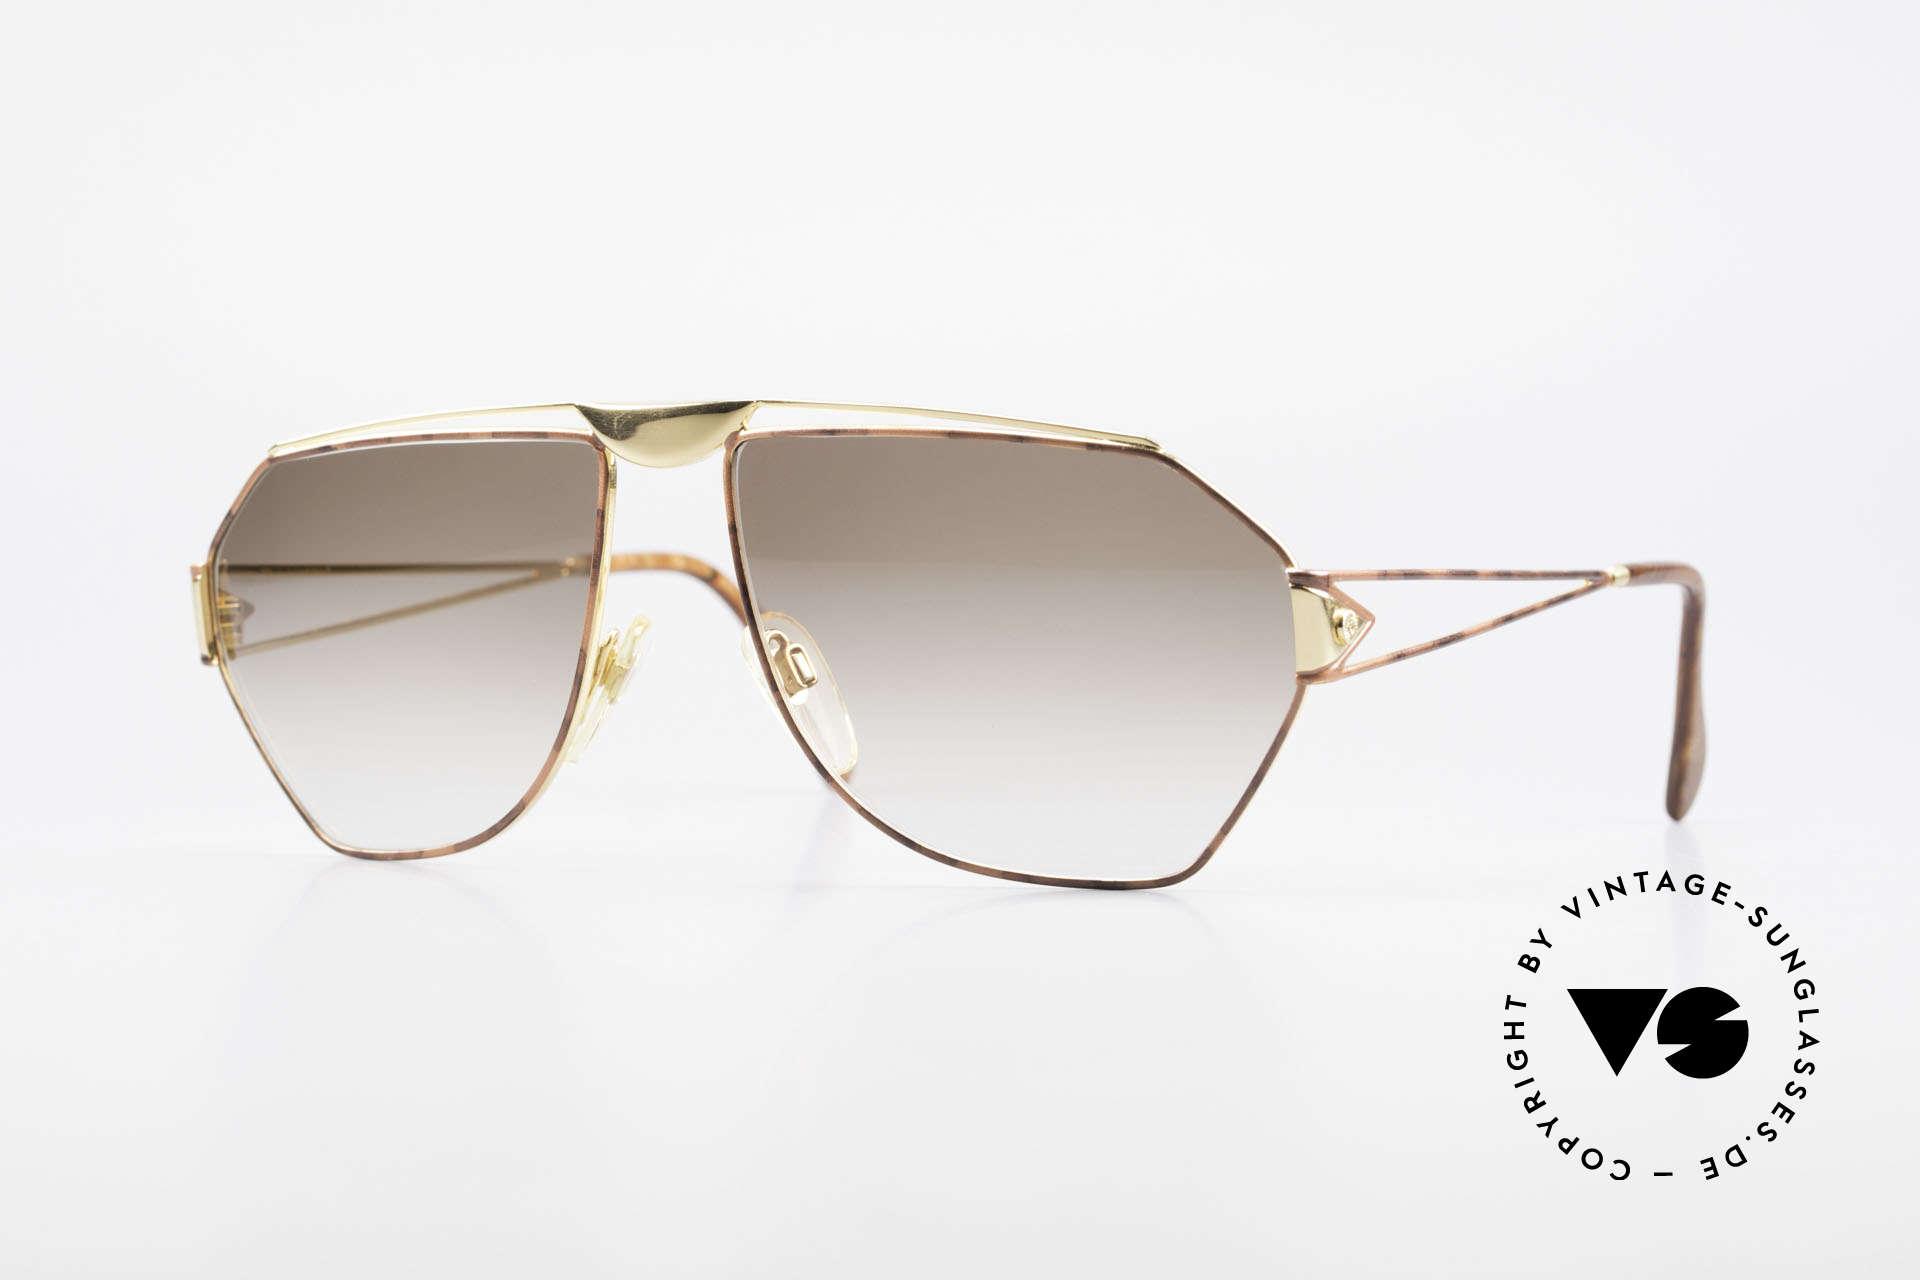 St. Moritz 403 Rare 80's Jupiter Sunglasses, sensational St. Moritz vintage sunglasses of the 1980's, Made for Men